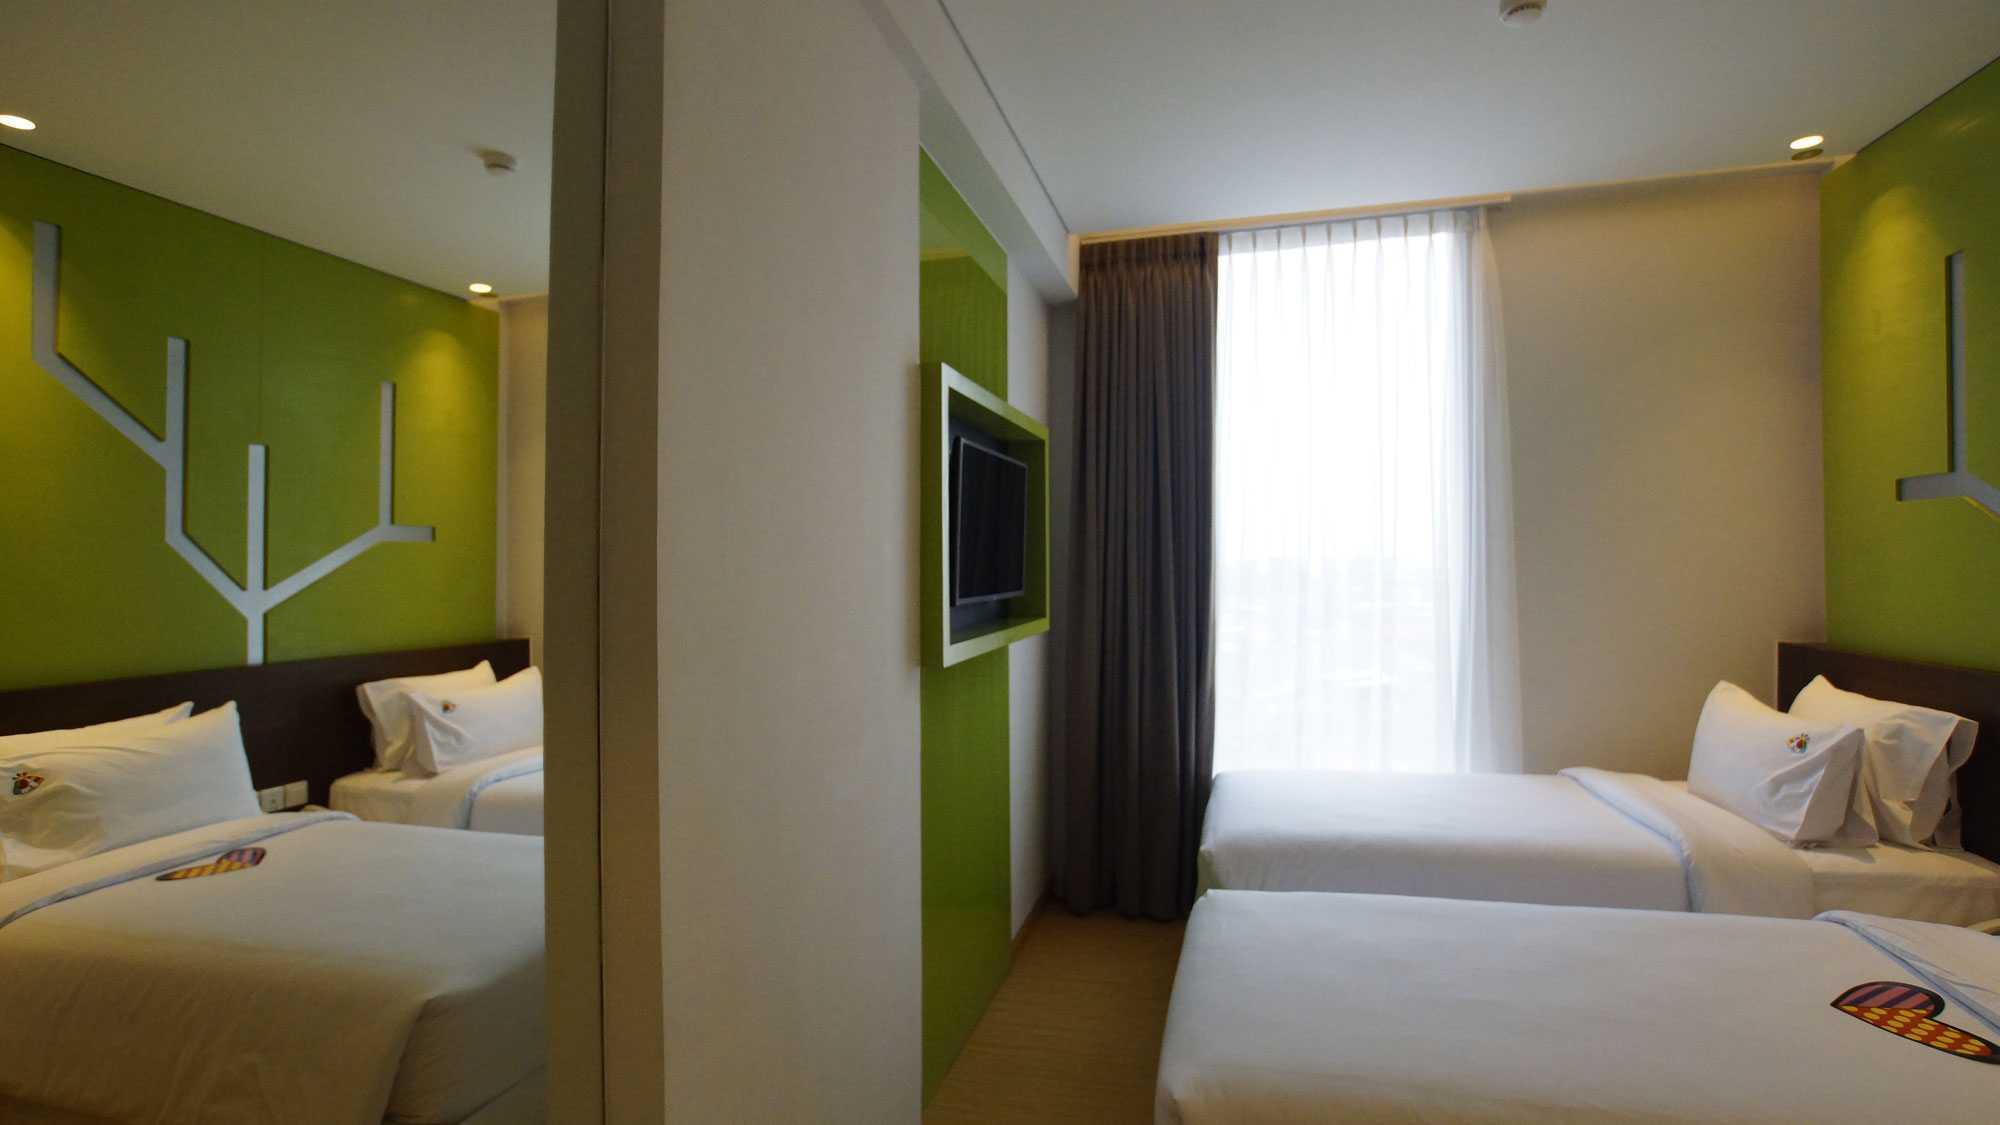 Pt. Atelier Una Indonesia Maxone Hotel Pemuda Jakarta, Indonesia Jakarta, Indonesia Bedroom   9496